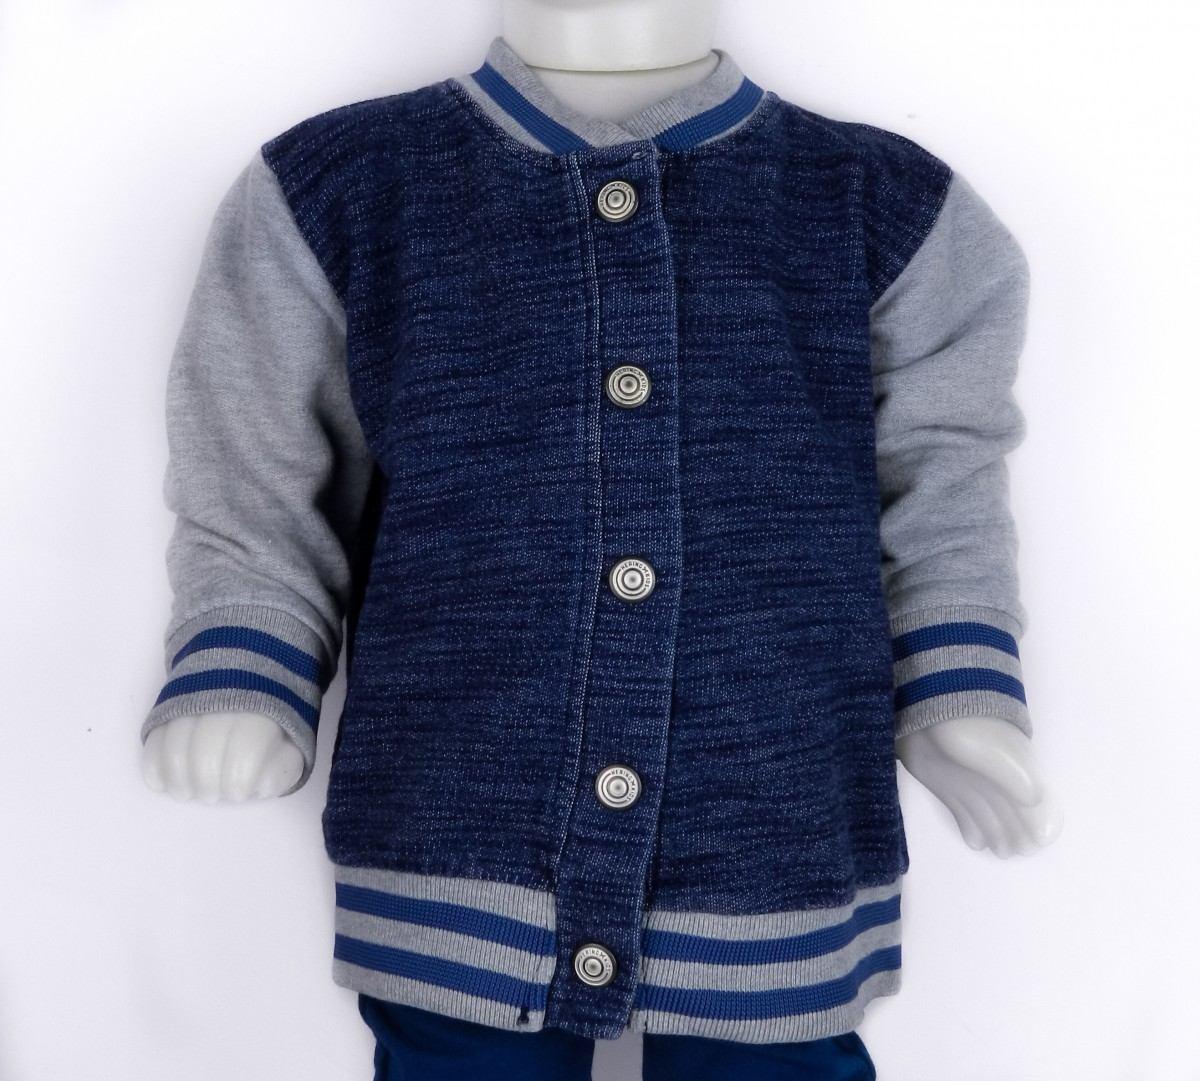 jaqueta jeans moletom infantil hering kids college 54bj1a07. Carregando  zoom. 9813c9bd842